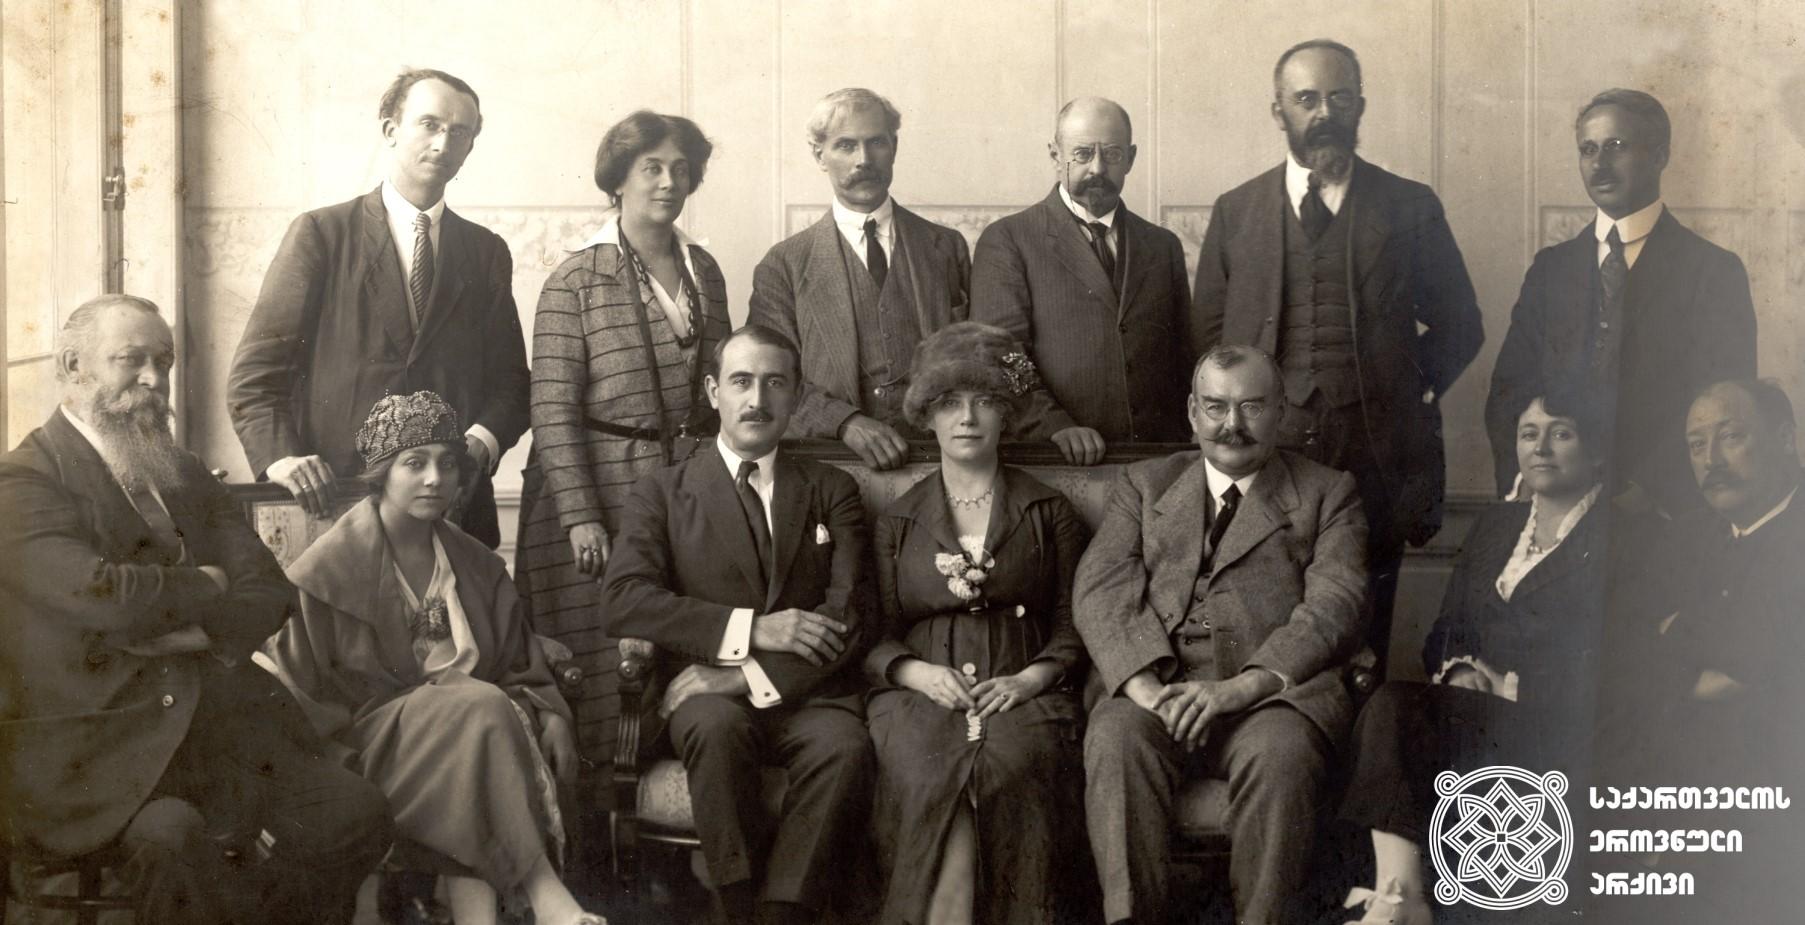 მეორე სოციალისტური ინტერნაციონალის დელეგაცია საქართველოს რესპუბლიკაში. <br> თბილისი, 1920 წლის სექტემბერი  Delegation of the Second Socialist International to the Republic of Georgia <br> <br> Tbilisi, September 1920